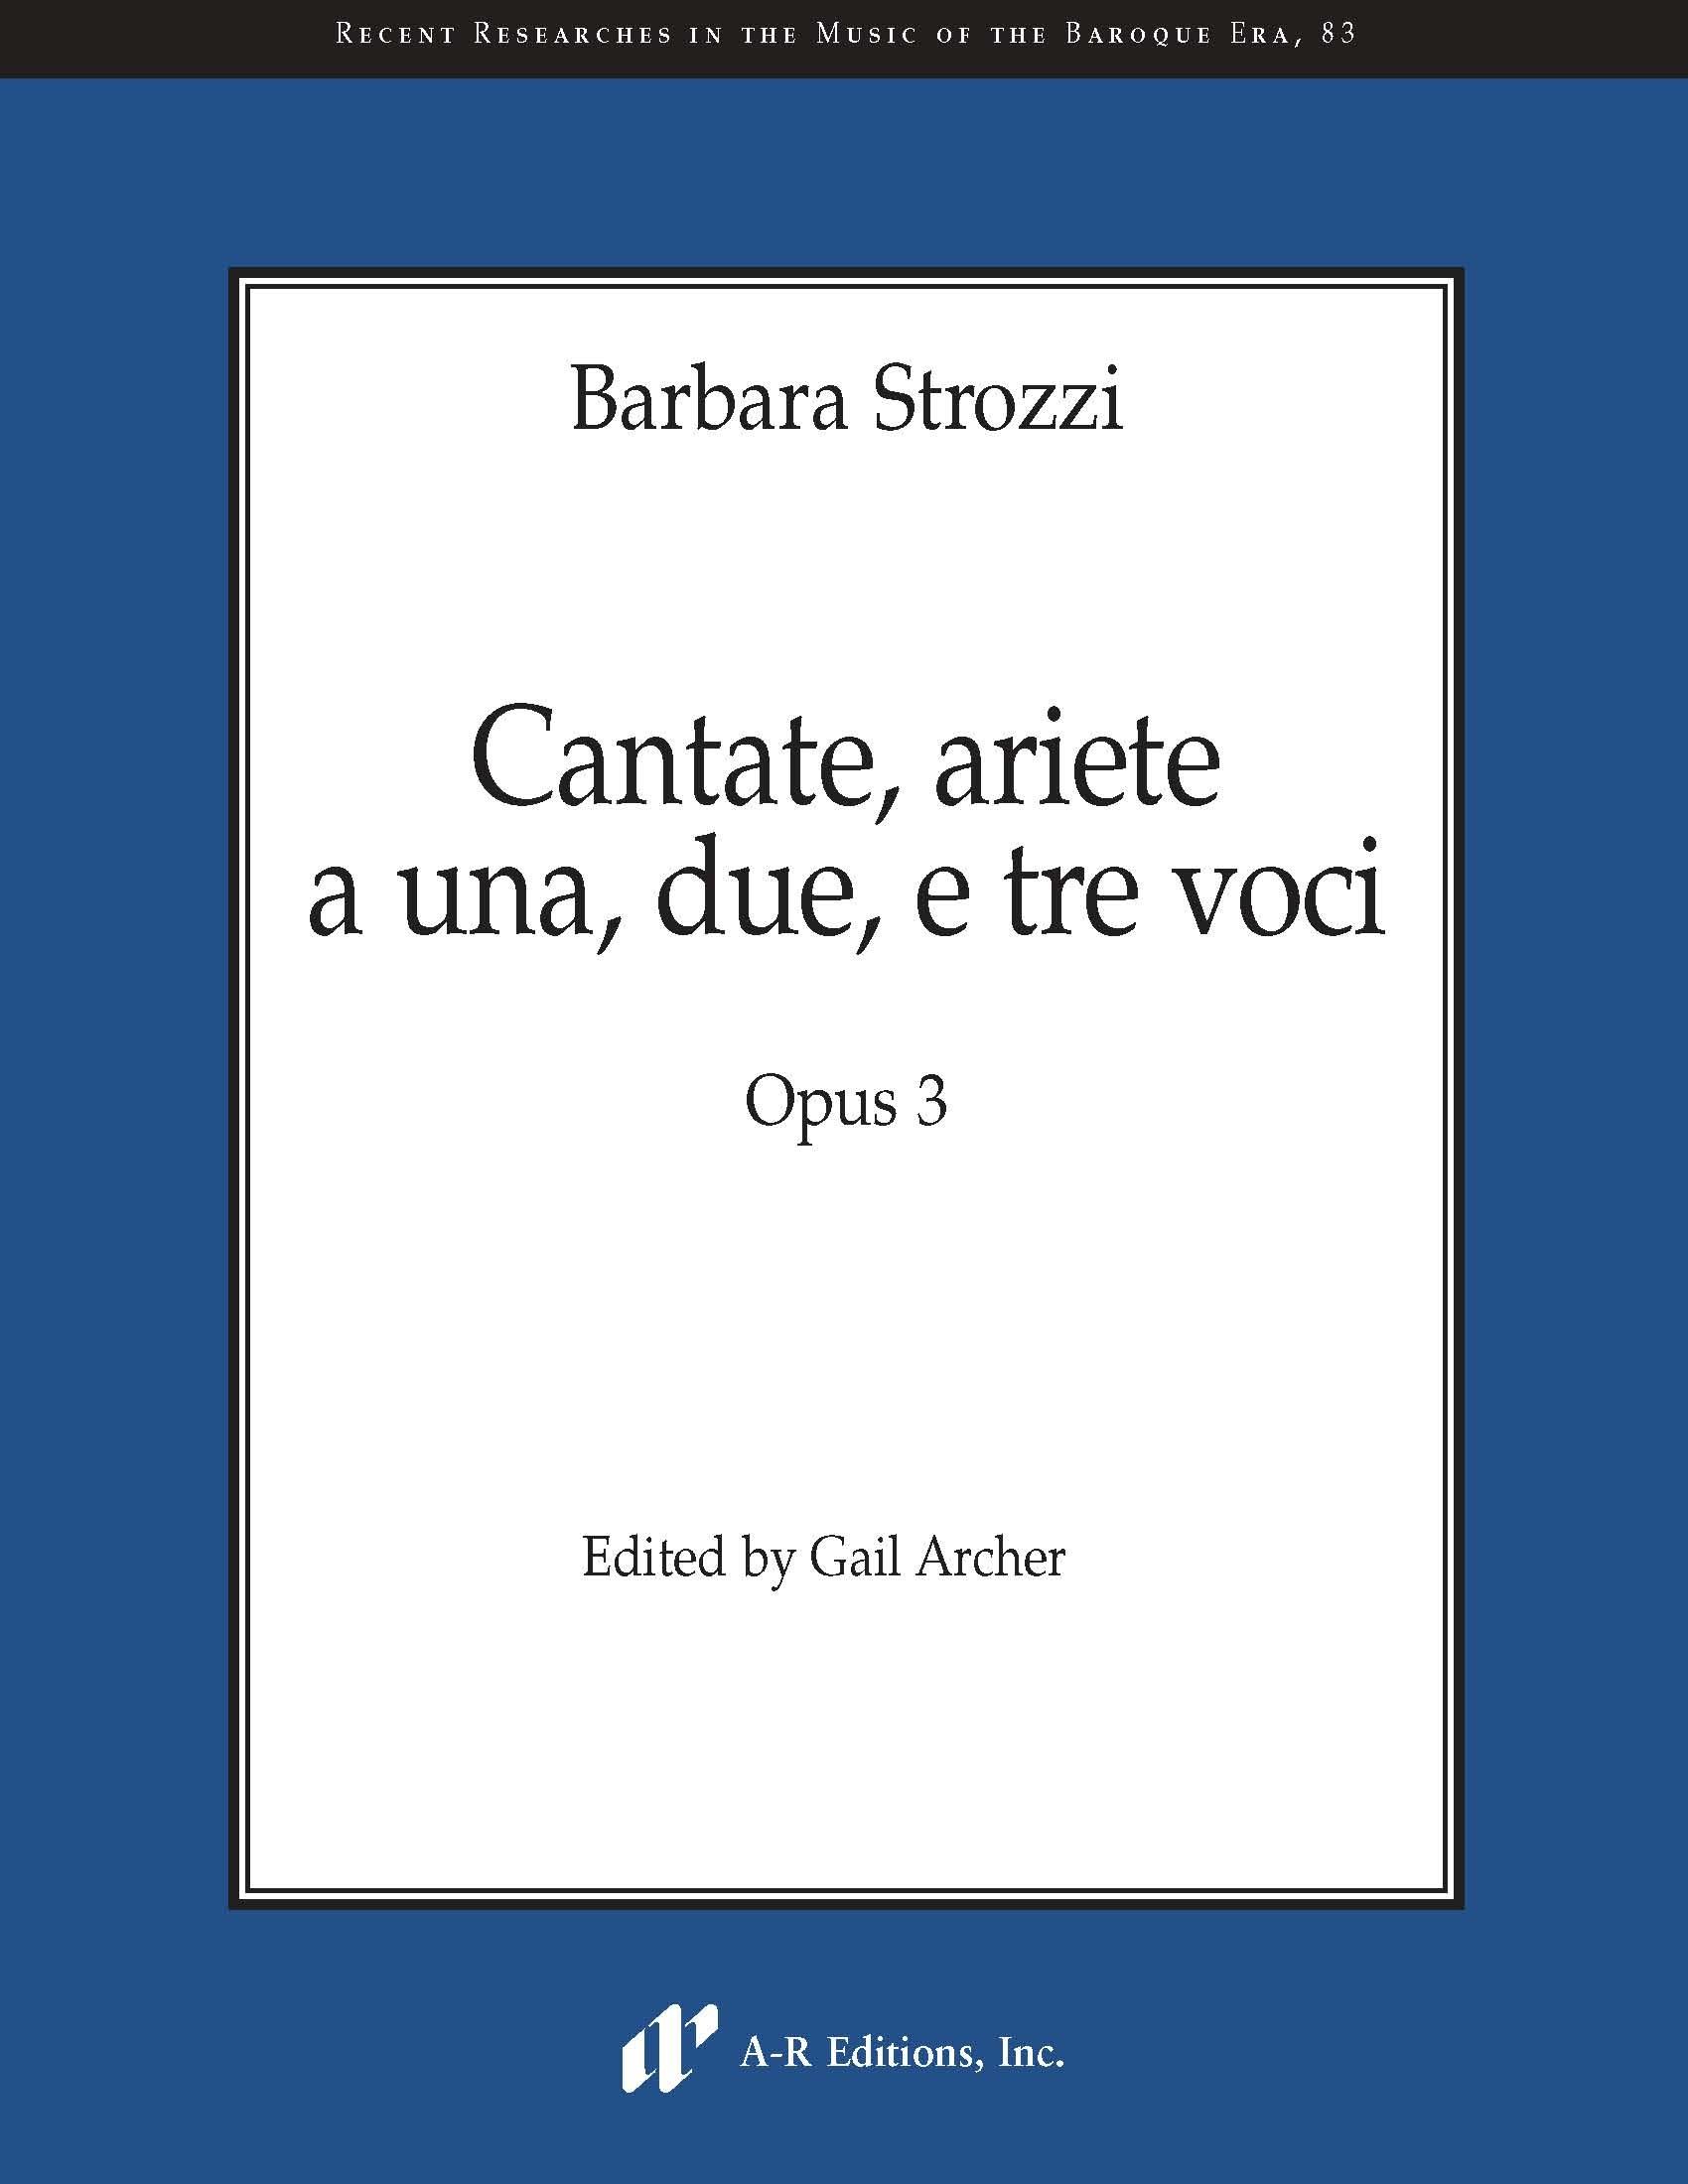 Strozzi: Cantate, ariete a una, due e tre voci, Opus 3